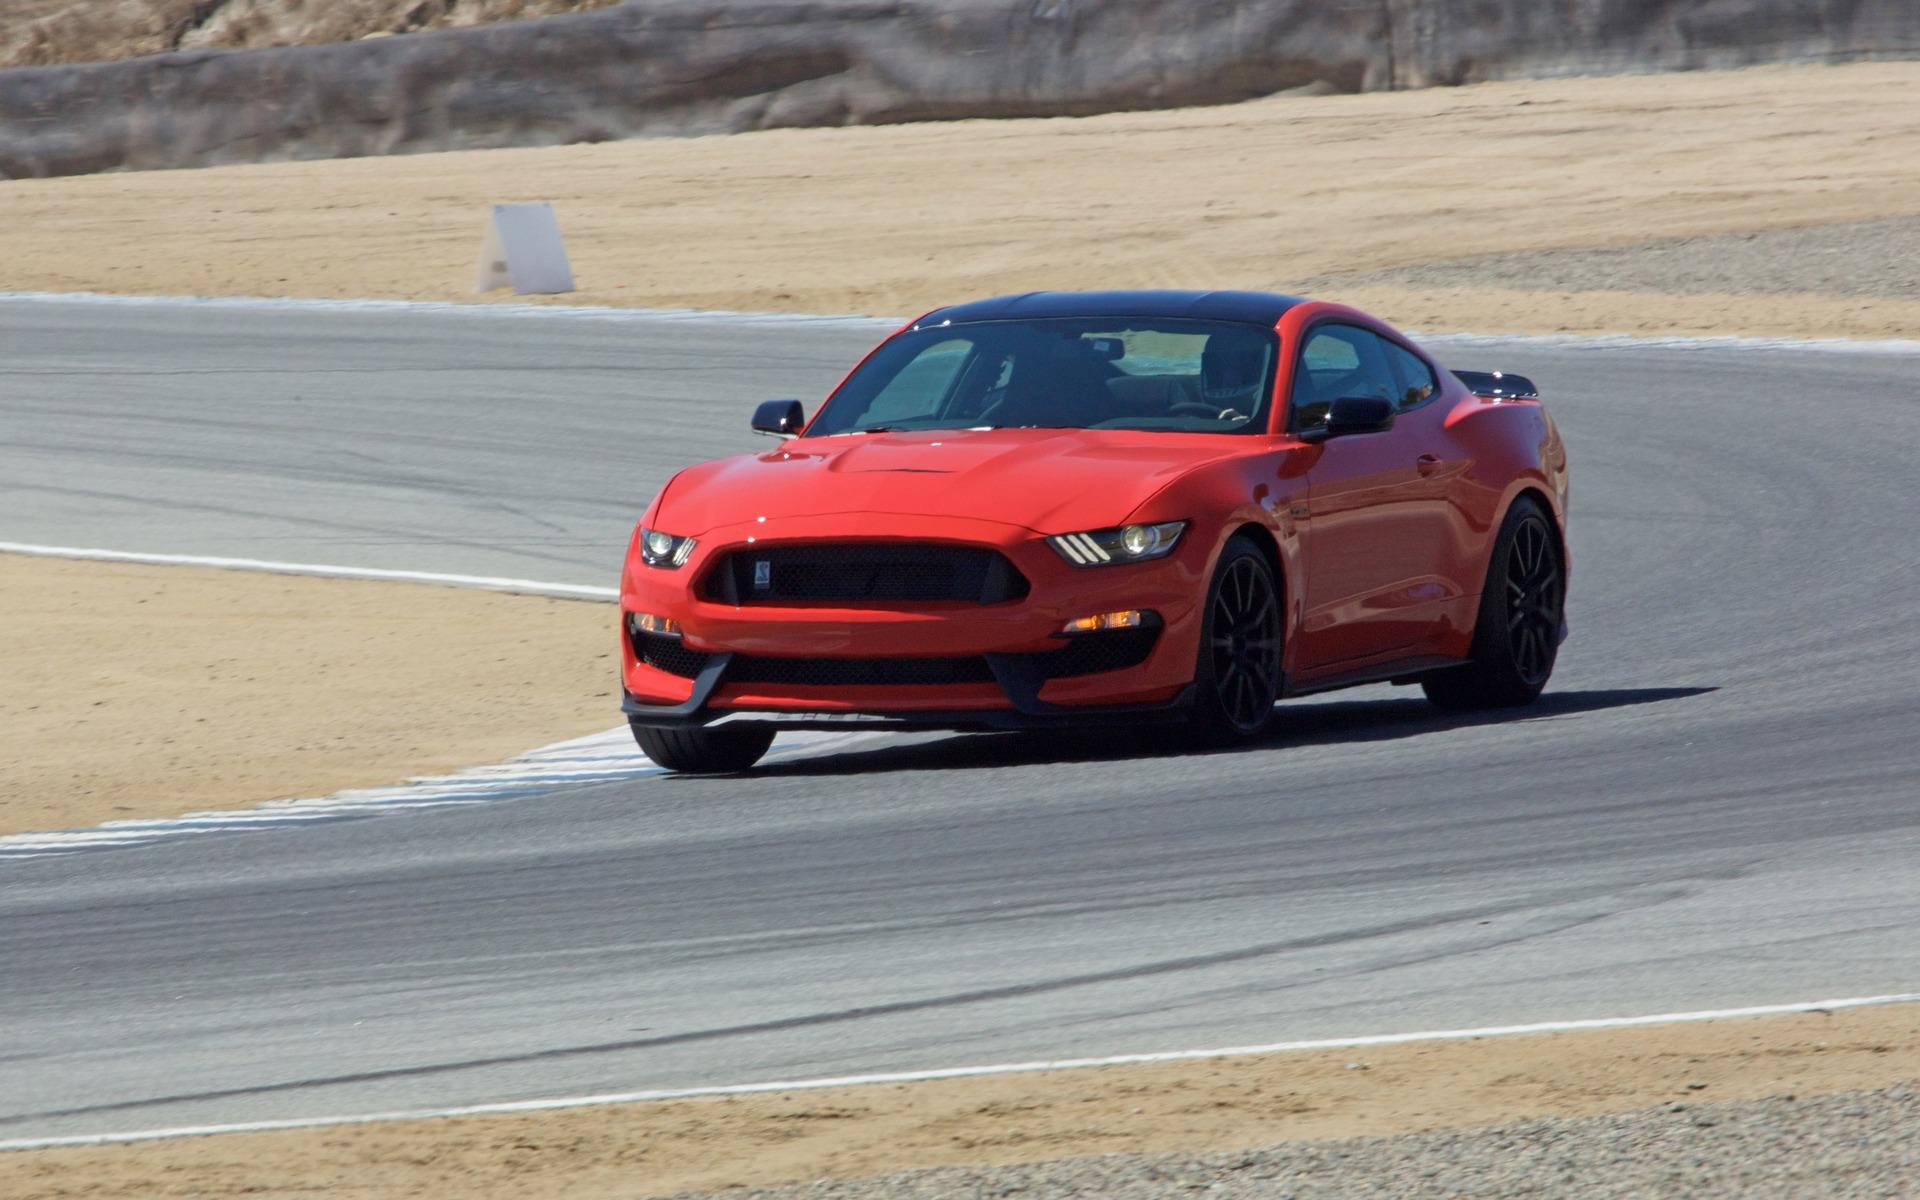 Ford Mustang Shelby GT350 - En action sur le circuit de Laguna Seca.